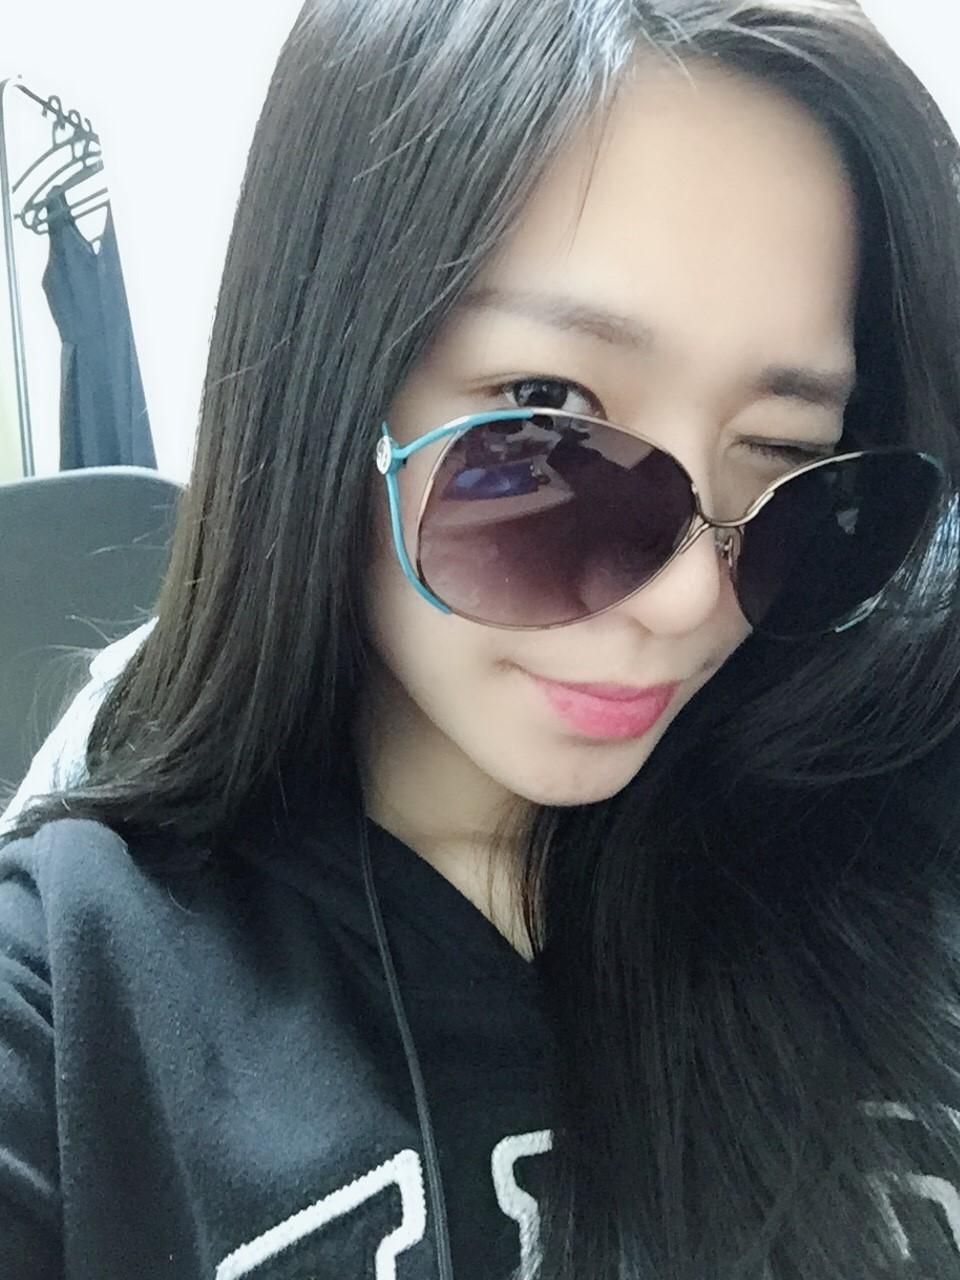 【絕版現貨優惠出清】大圓框繽紛兩色太陽眼鏡(藍)